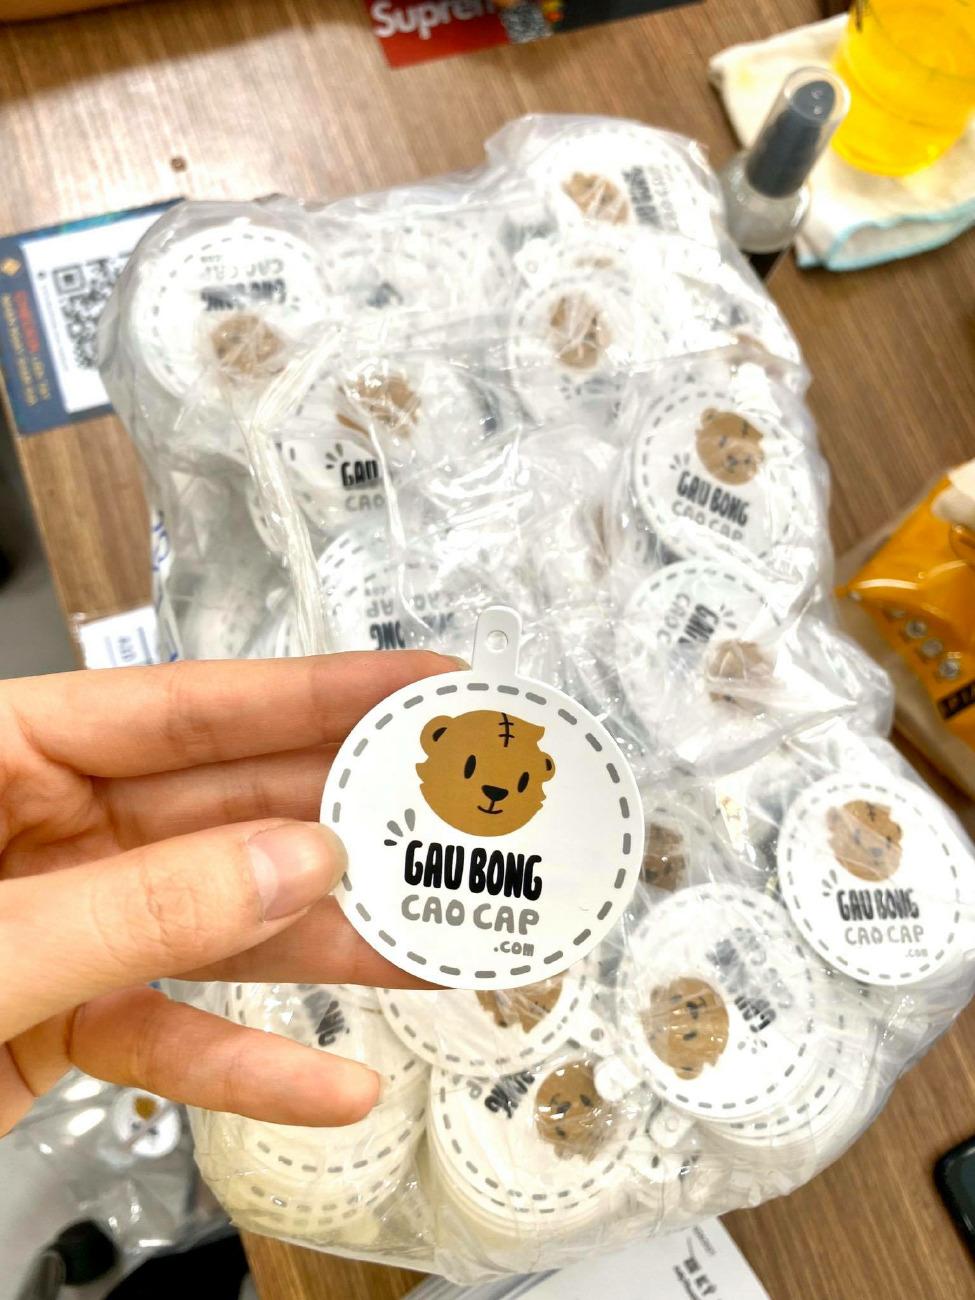 Làm tag vải quần áo, in tag treo bông tai TPHCM, in tag phụ kiện, tag treo, miếng gắn bông tai, in tag kẹp tóc, in tag sản phẩm, in tag quần áo, thẻ treo dây chuyền, tag mác sản phẩm